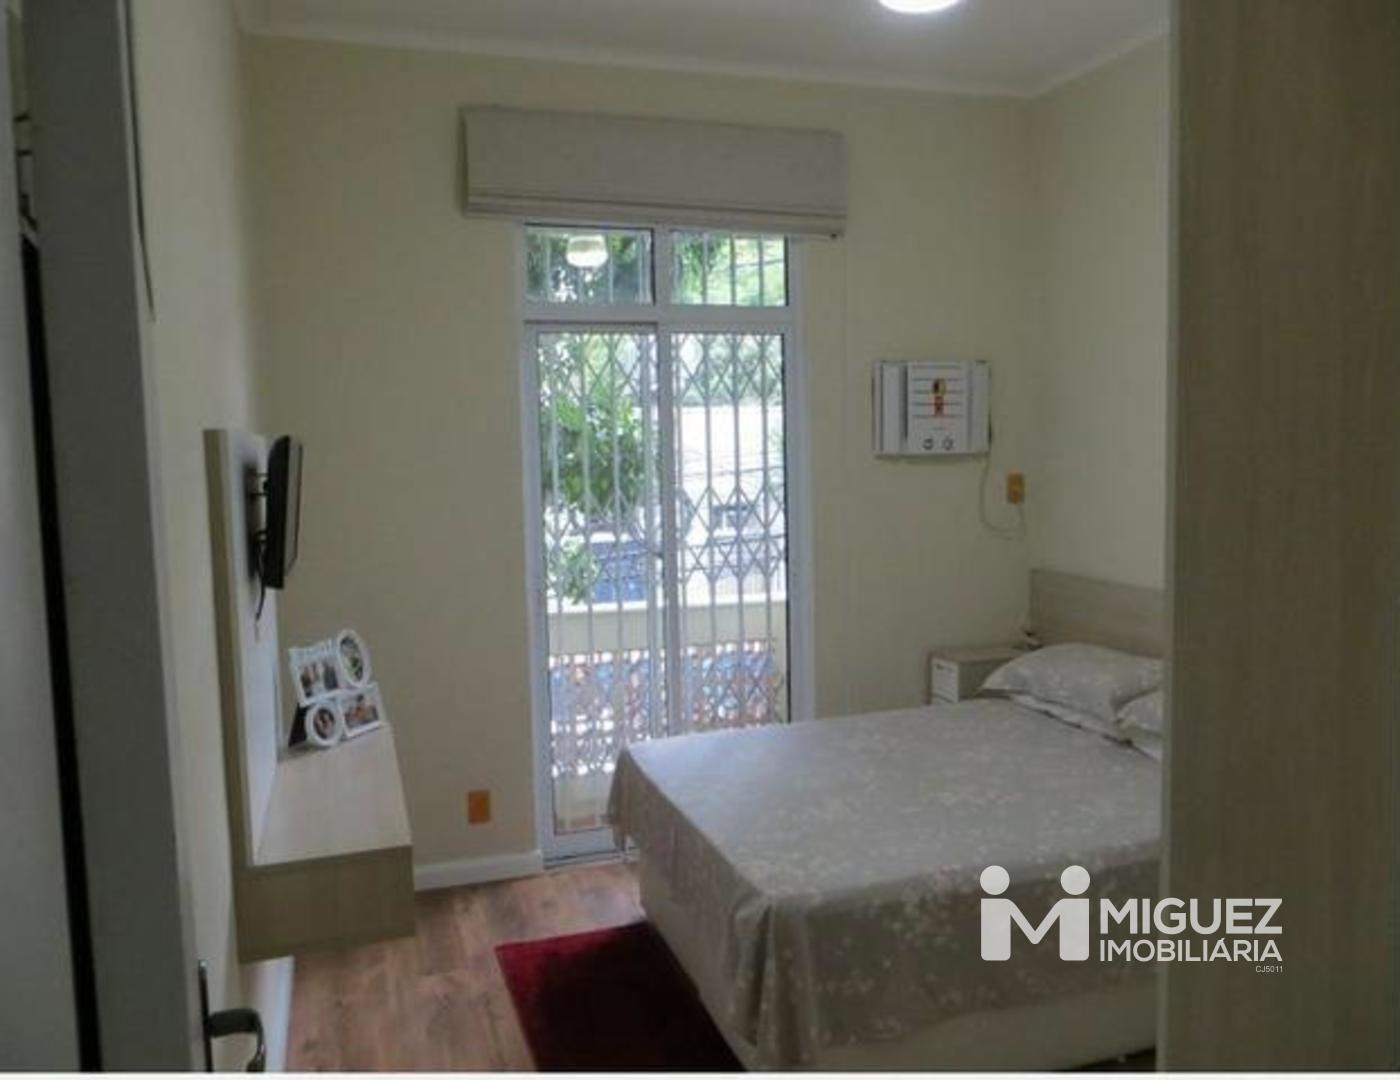 Casa, venda, Rua Desembargador Isidro - Tijuca , Rio de janeiro